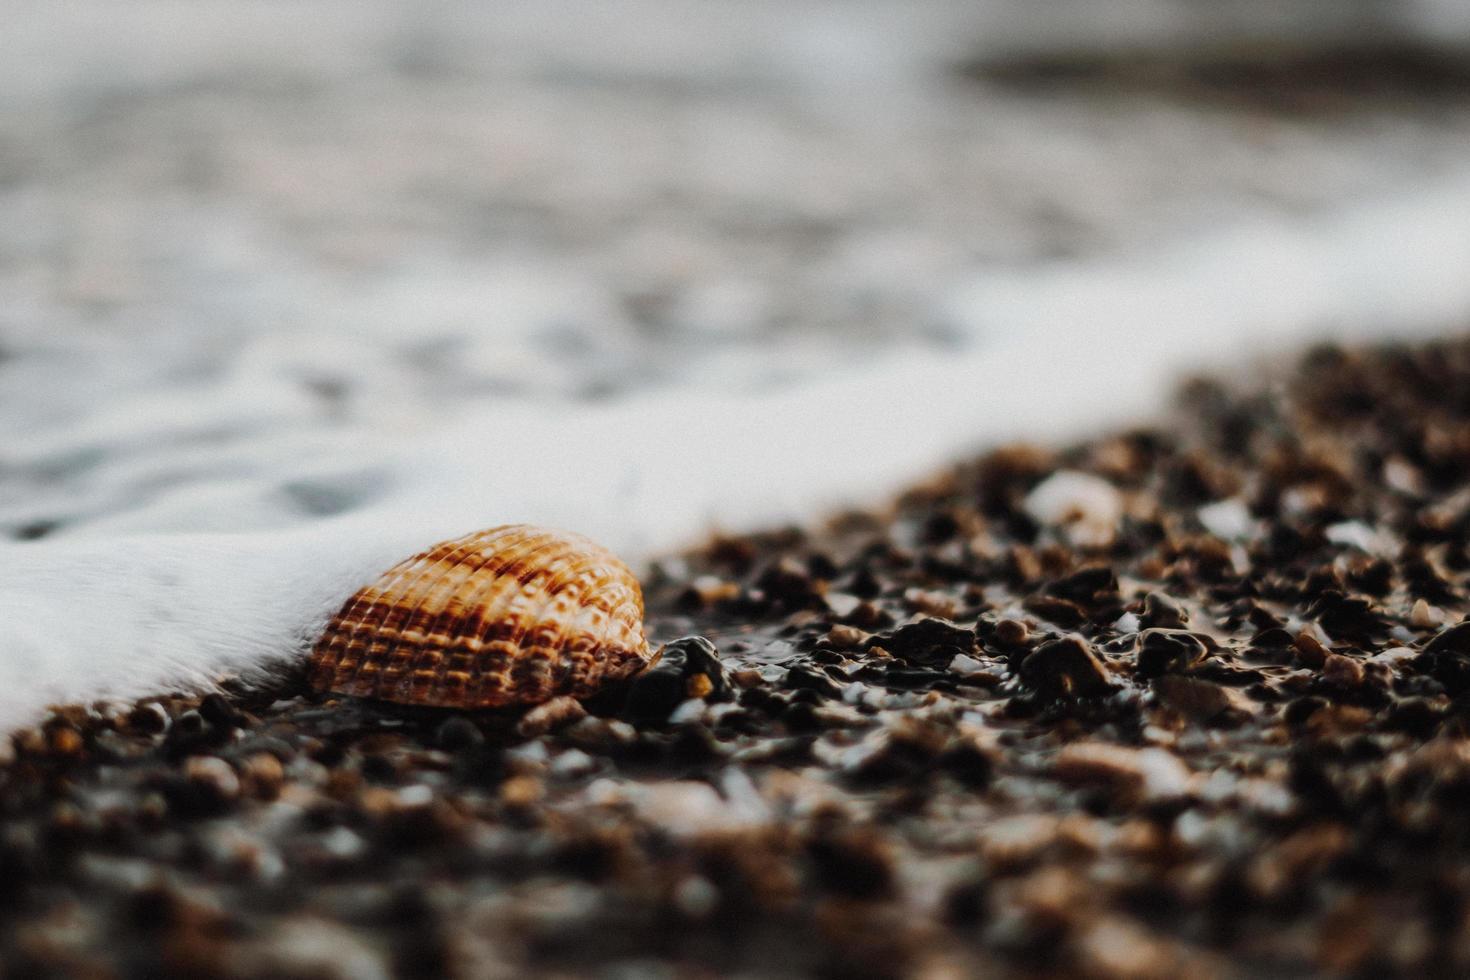 coquillage sur la plage rocheuse photo